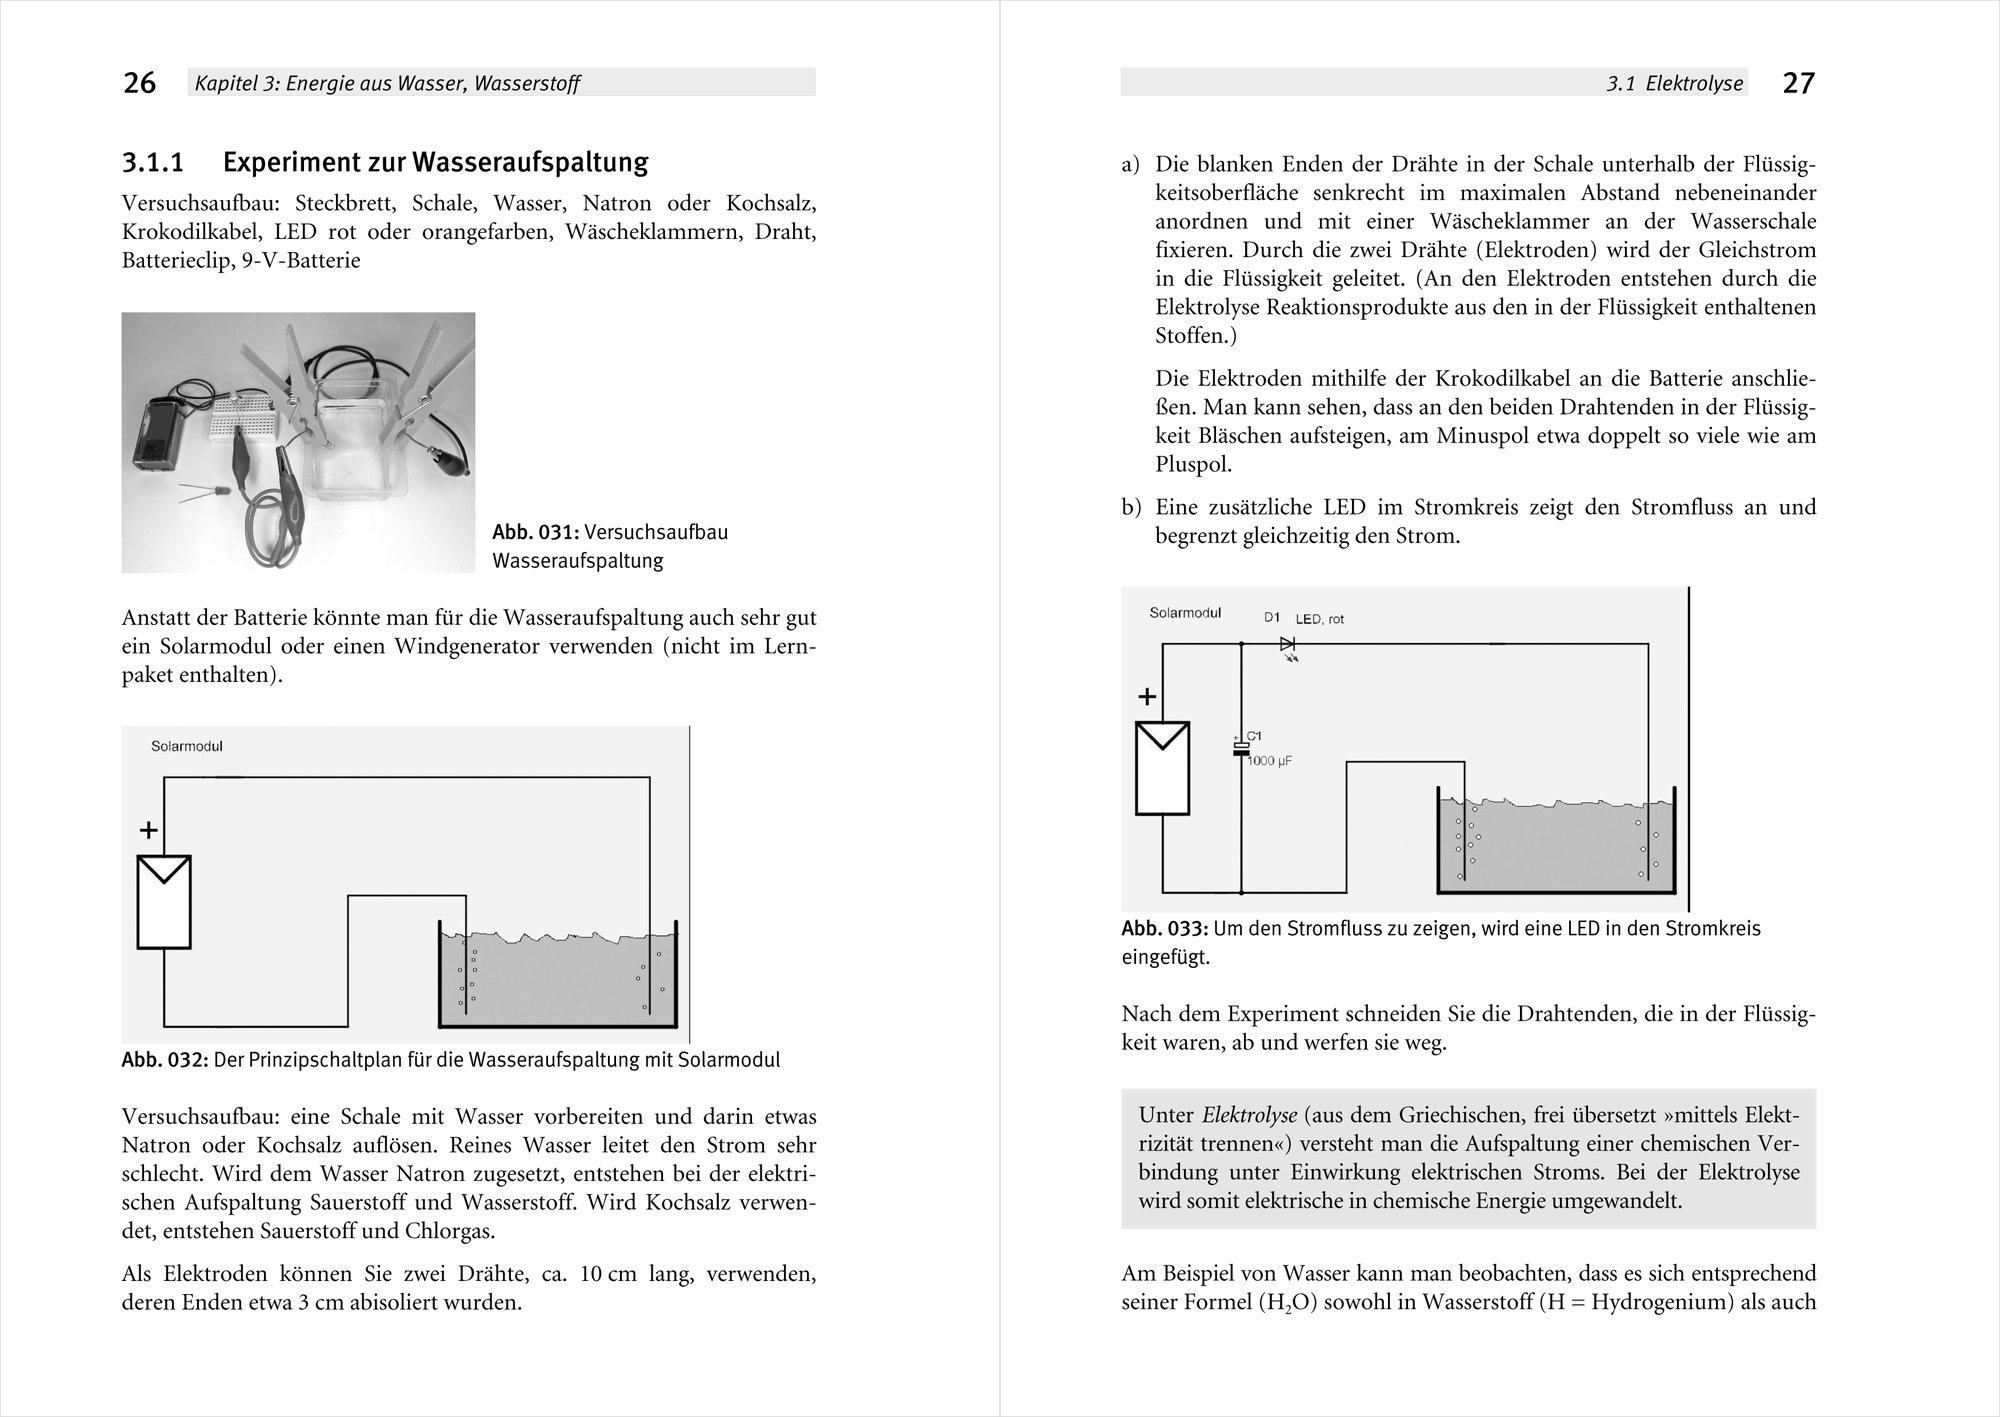 Ausgezeichnet Drähte Stromkreis Symbole Fotos - Der Schaltplan ...